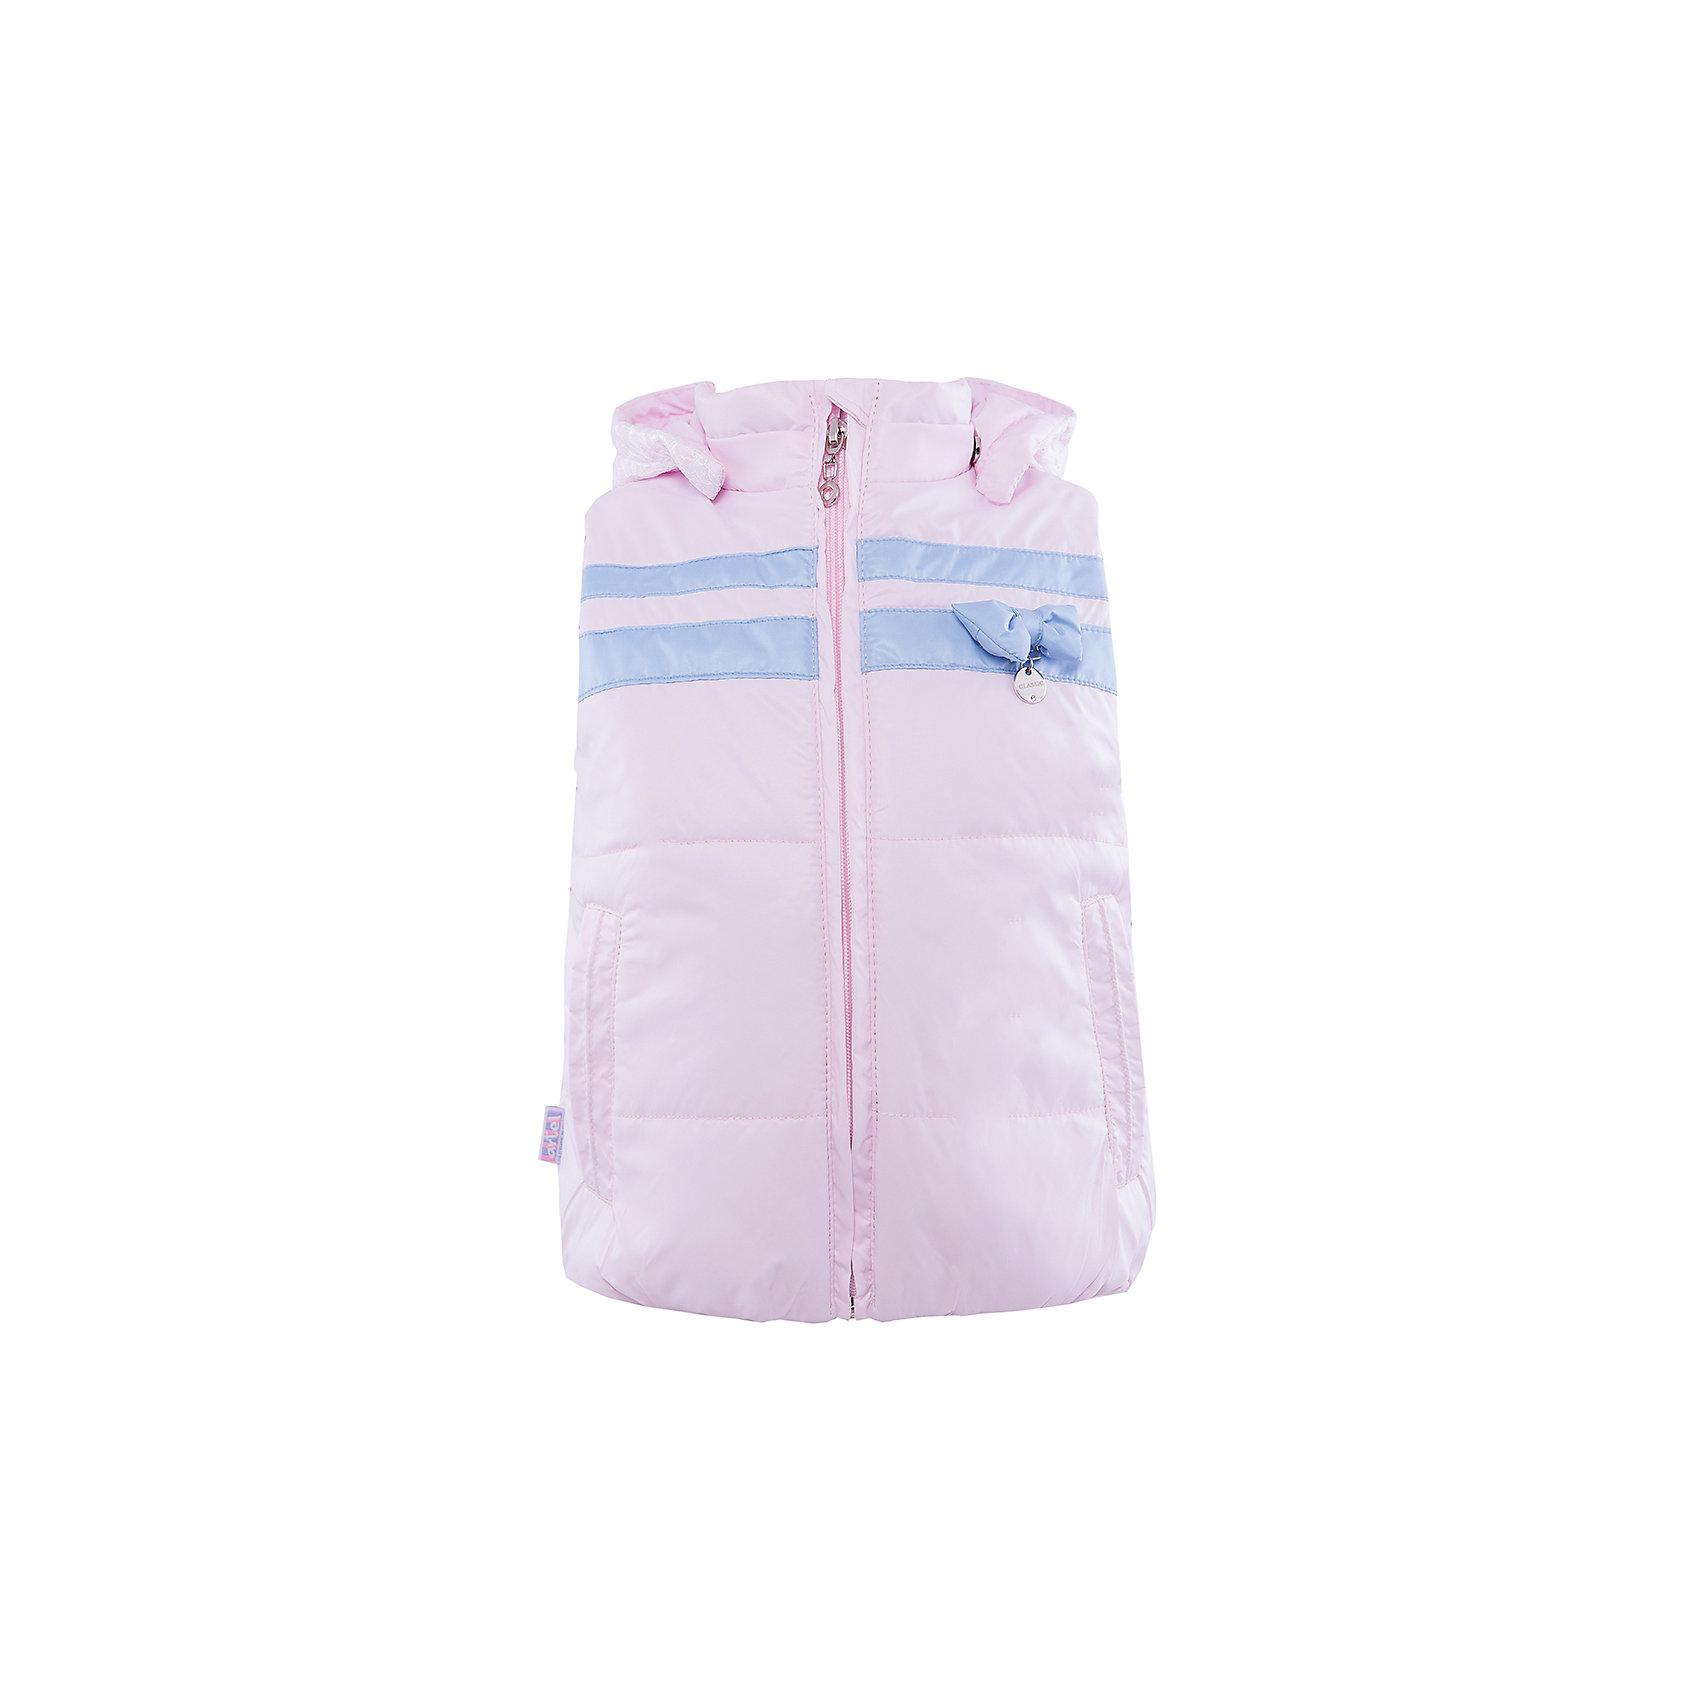 Жилетка для девочки АртельЖилет для девочки от торговой марки Артель &#13;<br>&#13;<br>Модный жилет отлично смотрится и хорошо сидит. Изделие выполнено из качественных материалов, имеет удобные карманы и капюшон. Отличный вариант для переменной погоды межсезонья!&#13;<br>Одежда от бренда Артель – это высокое качество по приемлемой цене и всегда продуманный дизайн. &#13;<br>&#13;<br>Особенности модели: &#13;<br>- цвет - розовый;&#13;<br>- наличие карманов;&#13;<br>- капюшон;&#13;<br>- отделка голубыми деталями;&#13;<br>- застежка-молния.&#13;<br>&#13;<br>Дополнительная информация:&#13;<br>&#13;<br>Состав: &#13;<br>- верх: FITSYSTEM;&#13;<br>- подкладка: сити;<br>- утеплитель: термофайбер 150 гр.<br>&#13;<br>Температурный режим: &#13;<br>от +5 °C до + 20 °C&#13;<br>&#13;<br>Жилет для девочки Артель (Artel) можно купить в нашем магазине.<br><br>Ширина мм: 356<br>Глубина мм: 10<br>Высота мм: 245<br>Вес г: 519<br>Цвет: розовый<br>Возраст от месяцев: 18<br>Возраст до месяцев: 24<br>Пол: Женский<br>Возраст: Детский<br>Размер: 92,116,110,122,104,98,86<br>SKU: 4496250